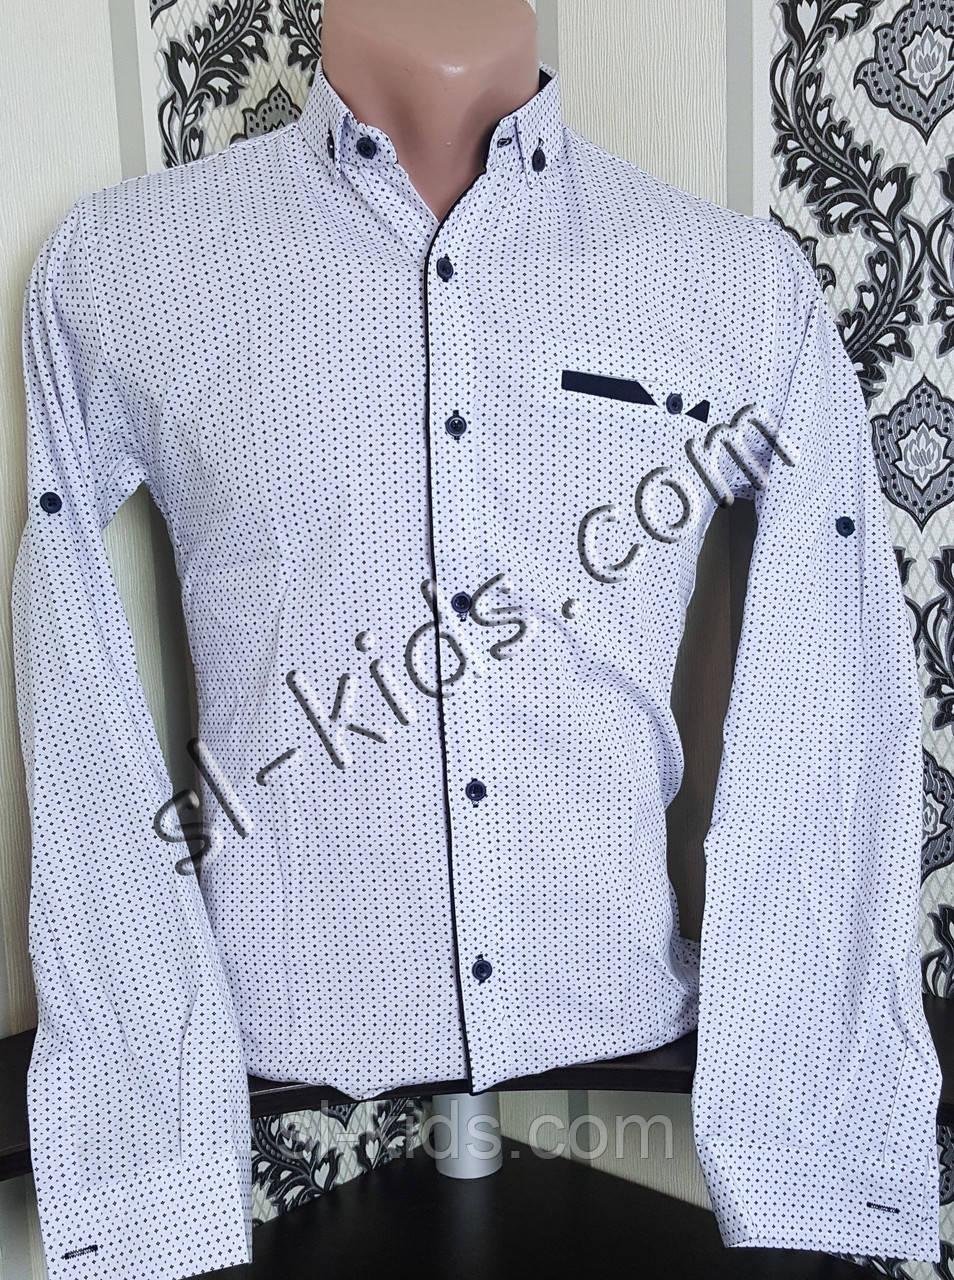 Стрейчева сорочка для хлопчика 12-16 років(роздр)(біла) (пр. Туреччина)